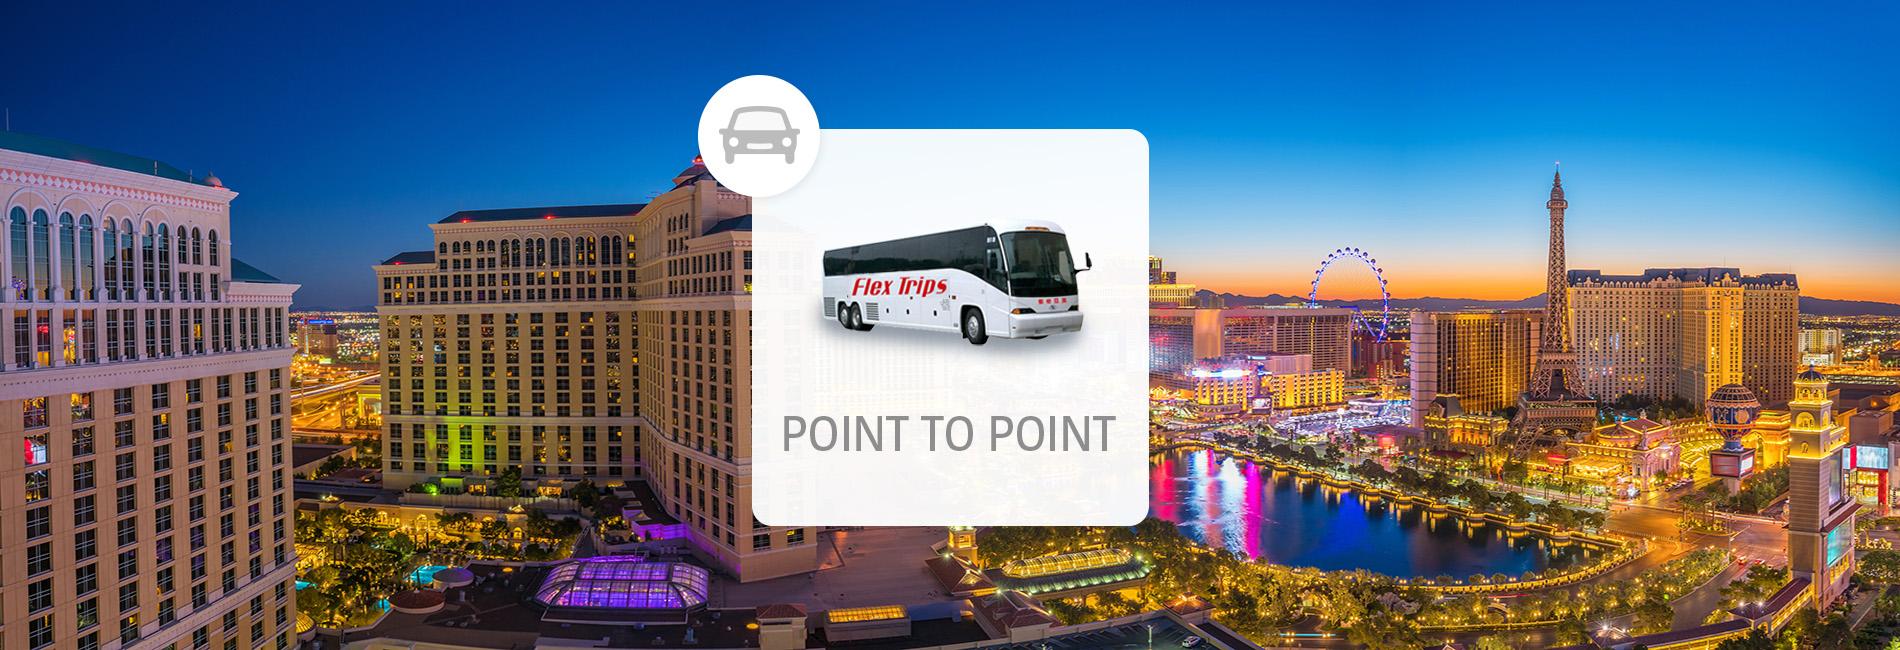 ロサンゼルス発 - ラスベガス行き 長距離バス乗車チケット|毎日運行